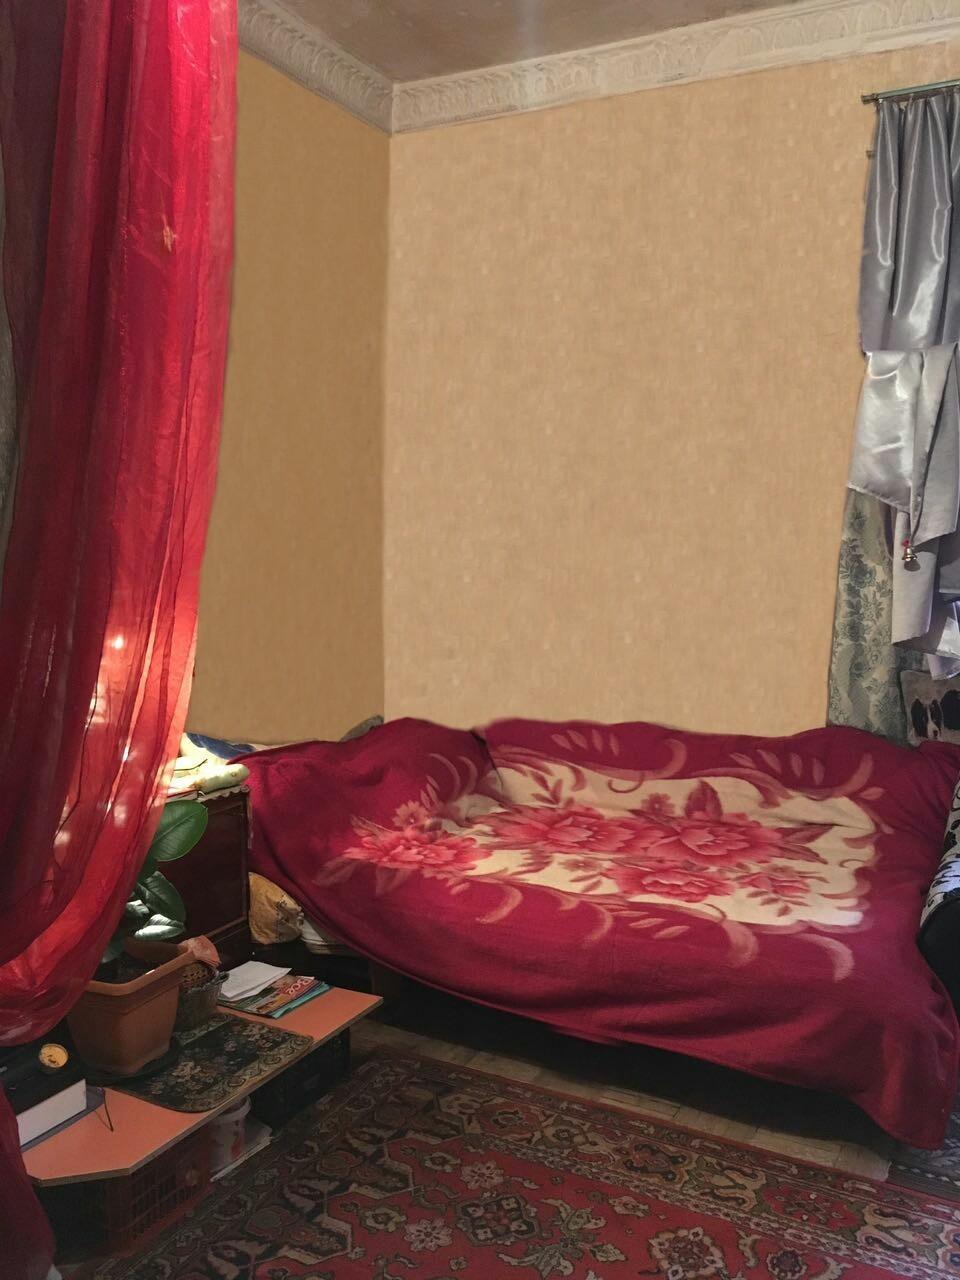 Купить комнату в 3-комн. квартире, 18 м² по адресу Санкт-Петербург, 12-я линия Васильевского острова, 33, 5 этаж недорого в ДомКлик — поиск, проверка, безопасная сделка с жильем в офисе Сбербанка.